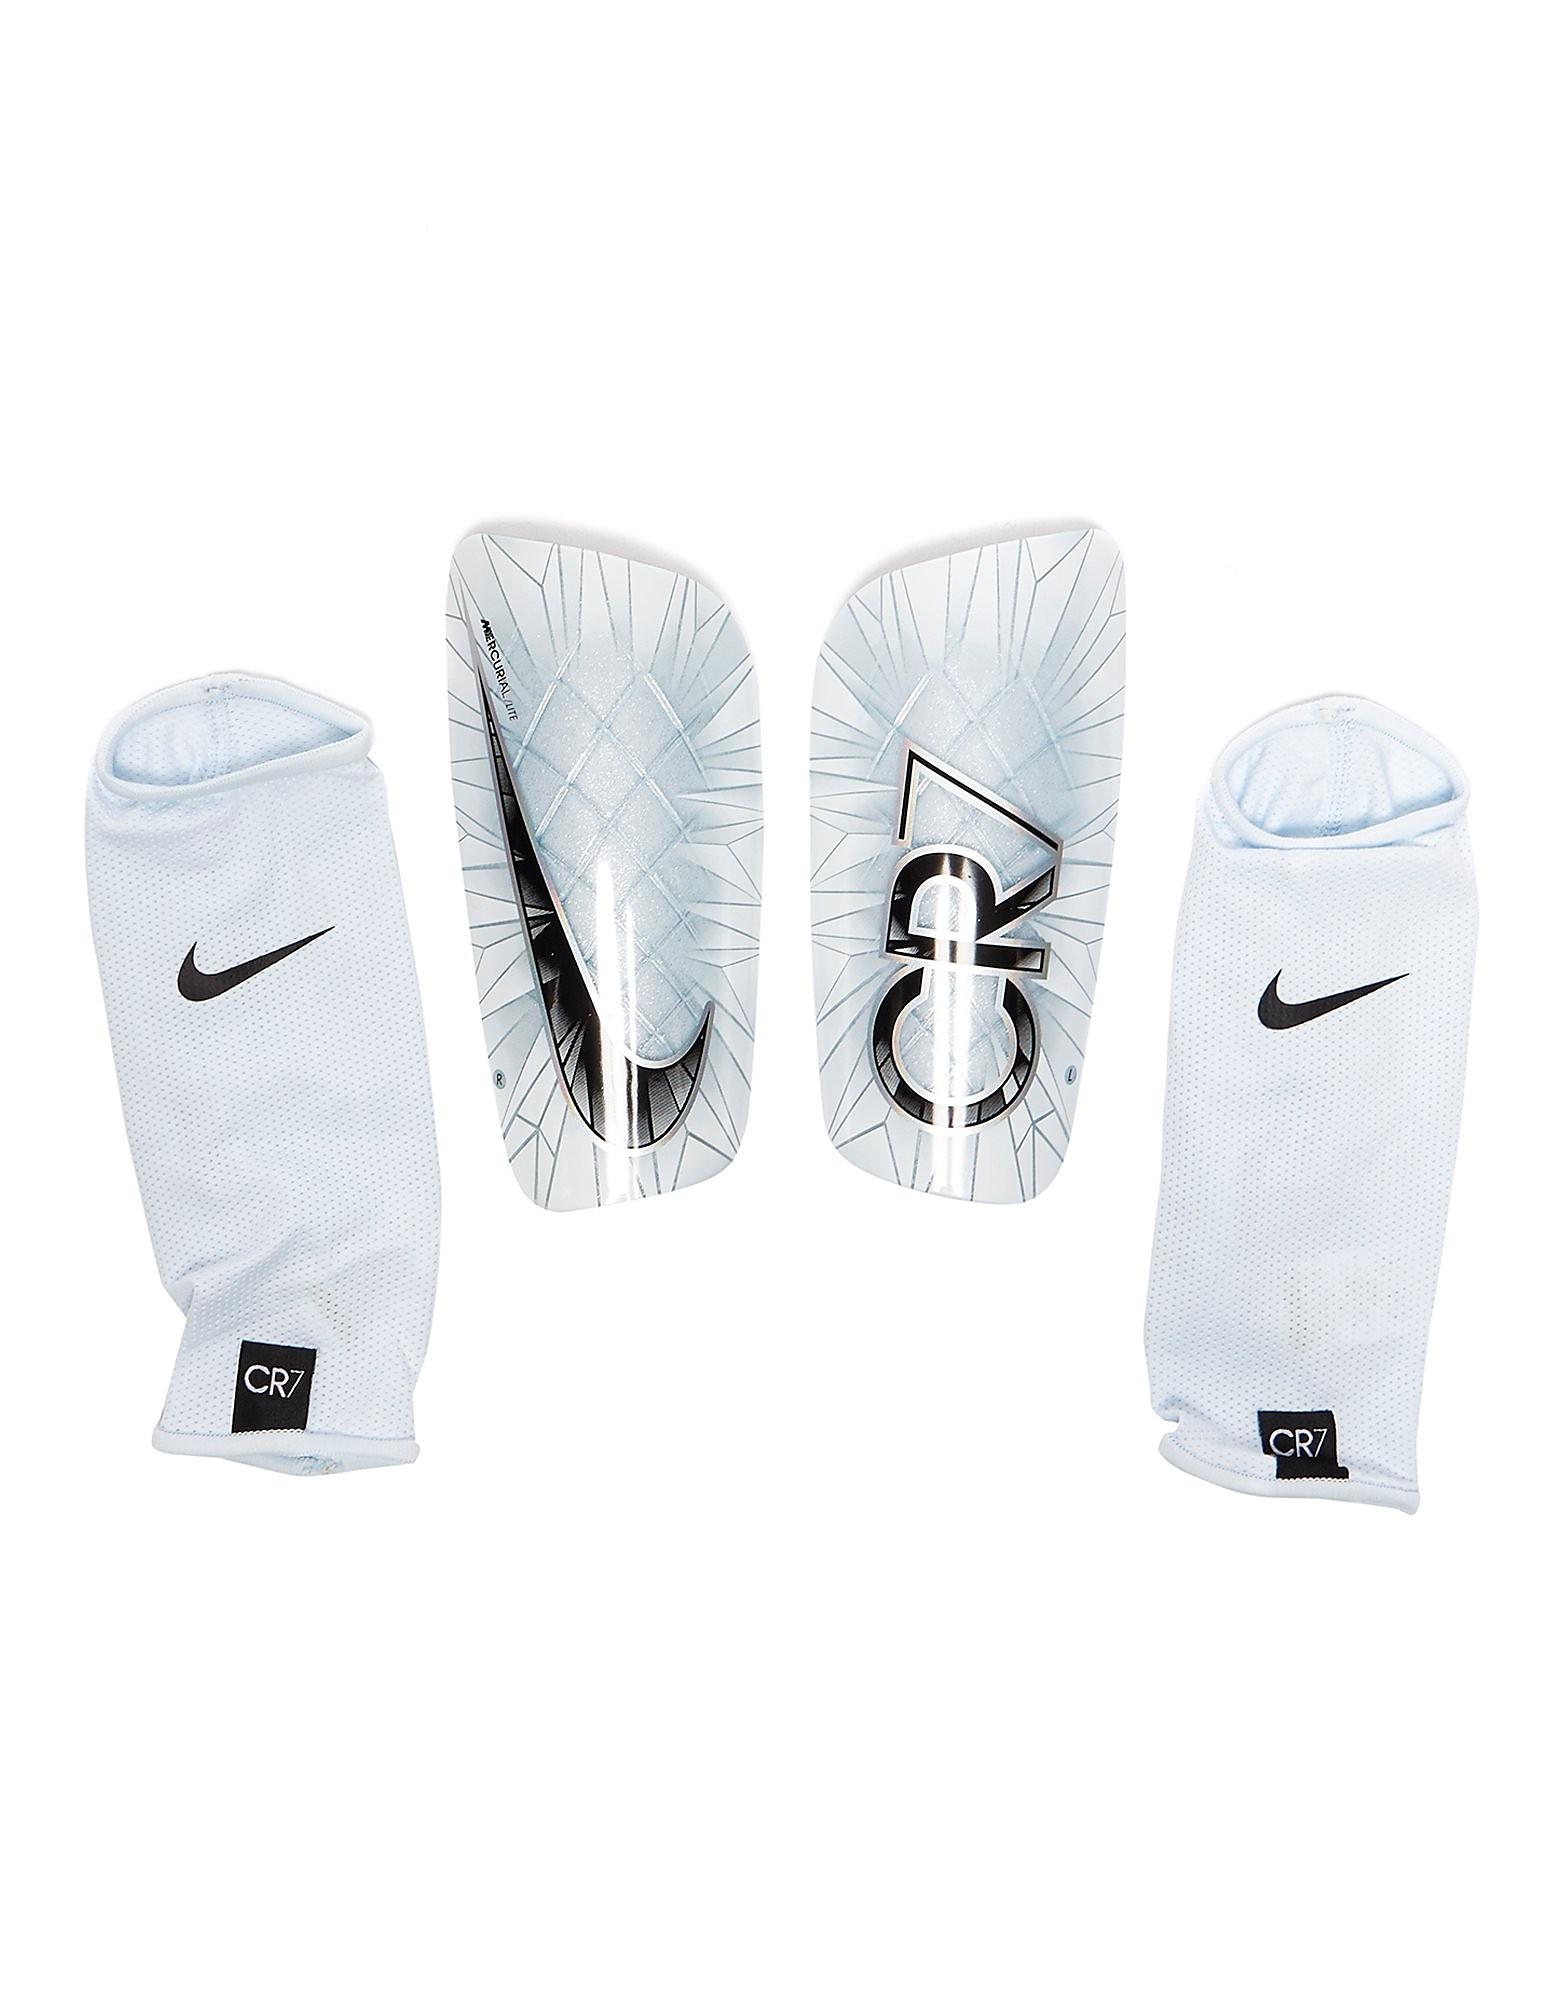 Nike CR7 Mercurial Lite Shin Guards